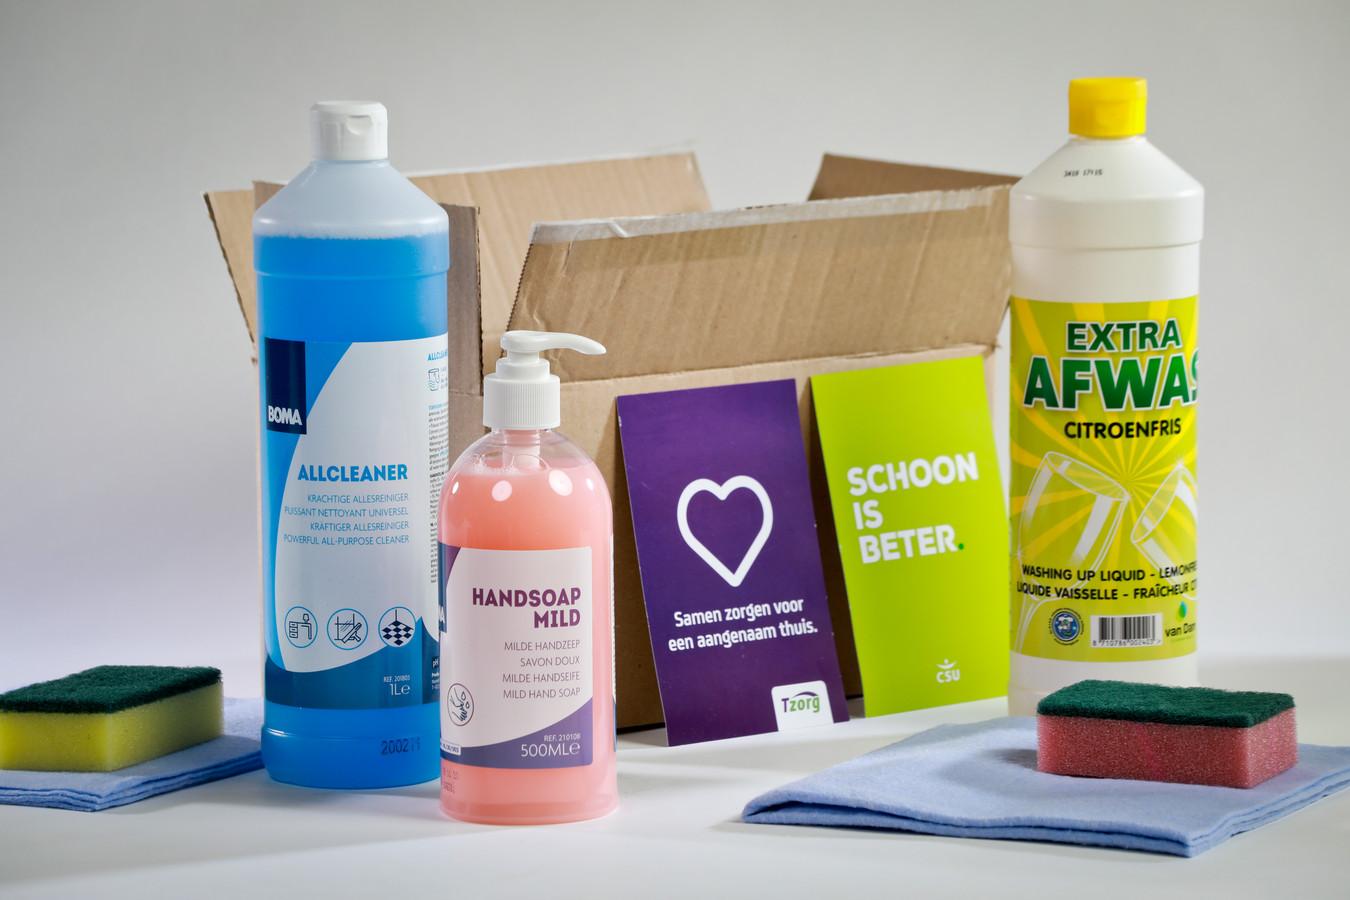 Schoonmaakbedrijf CSU schenkt 10.000 schoonmaakpakketten aan de Voedselbanken in Nederland.